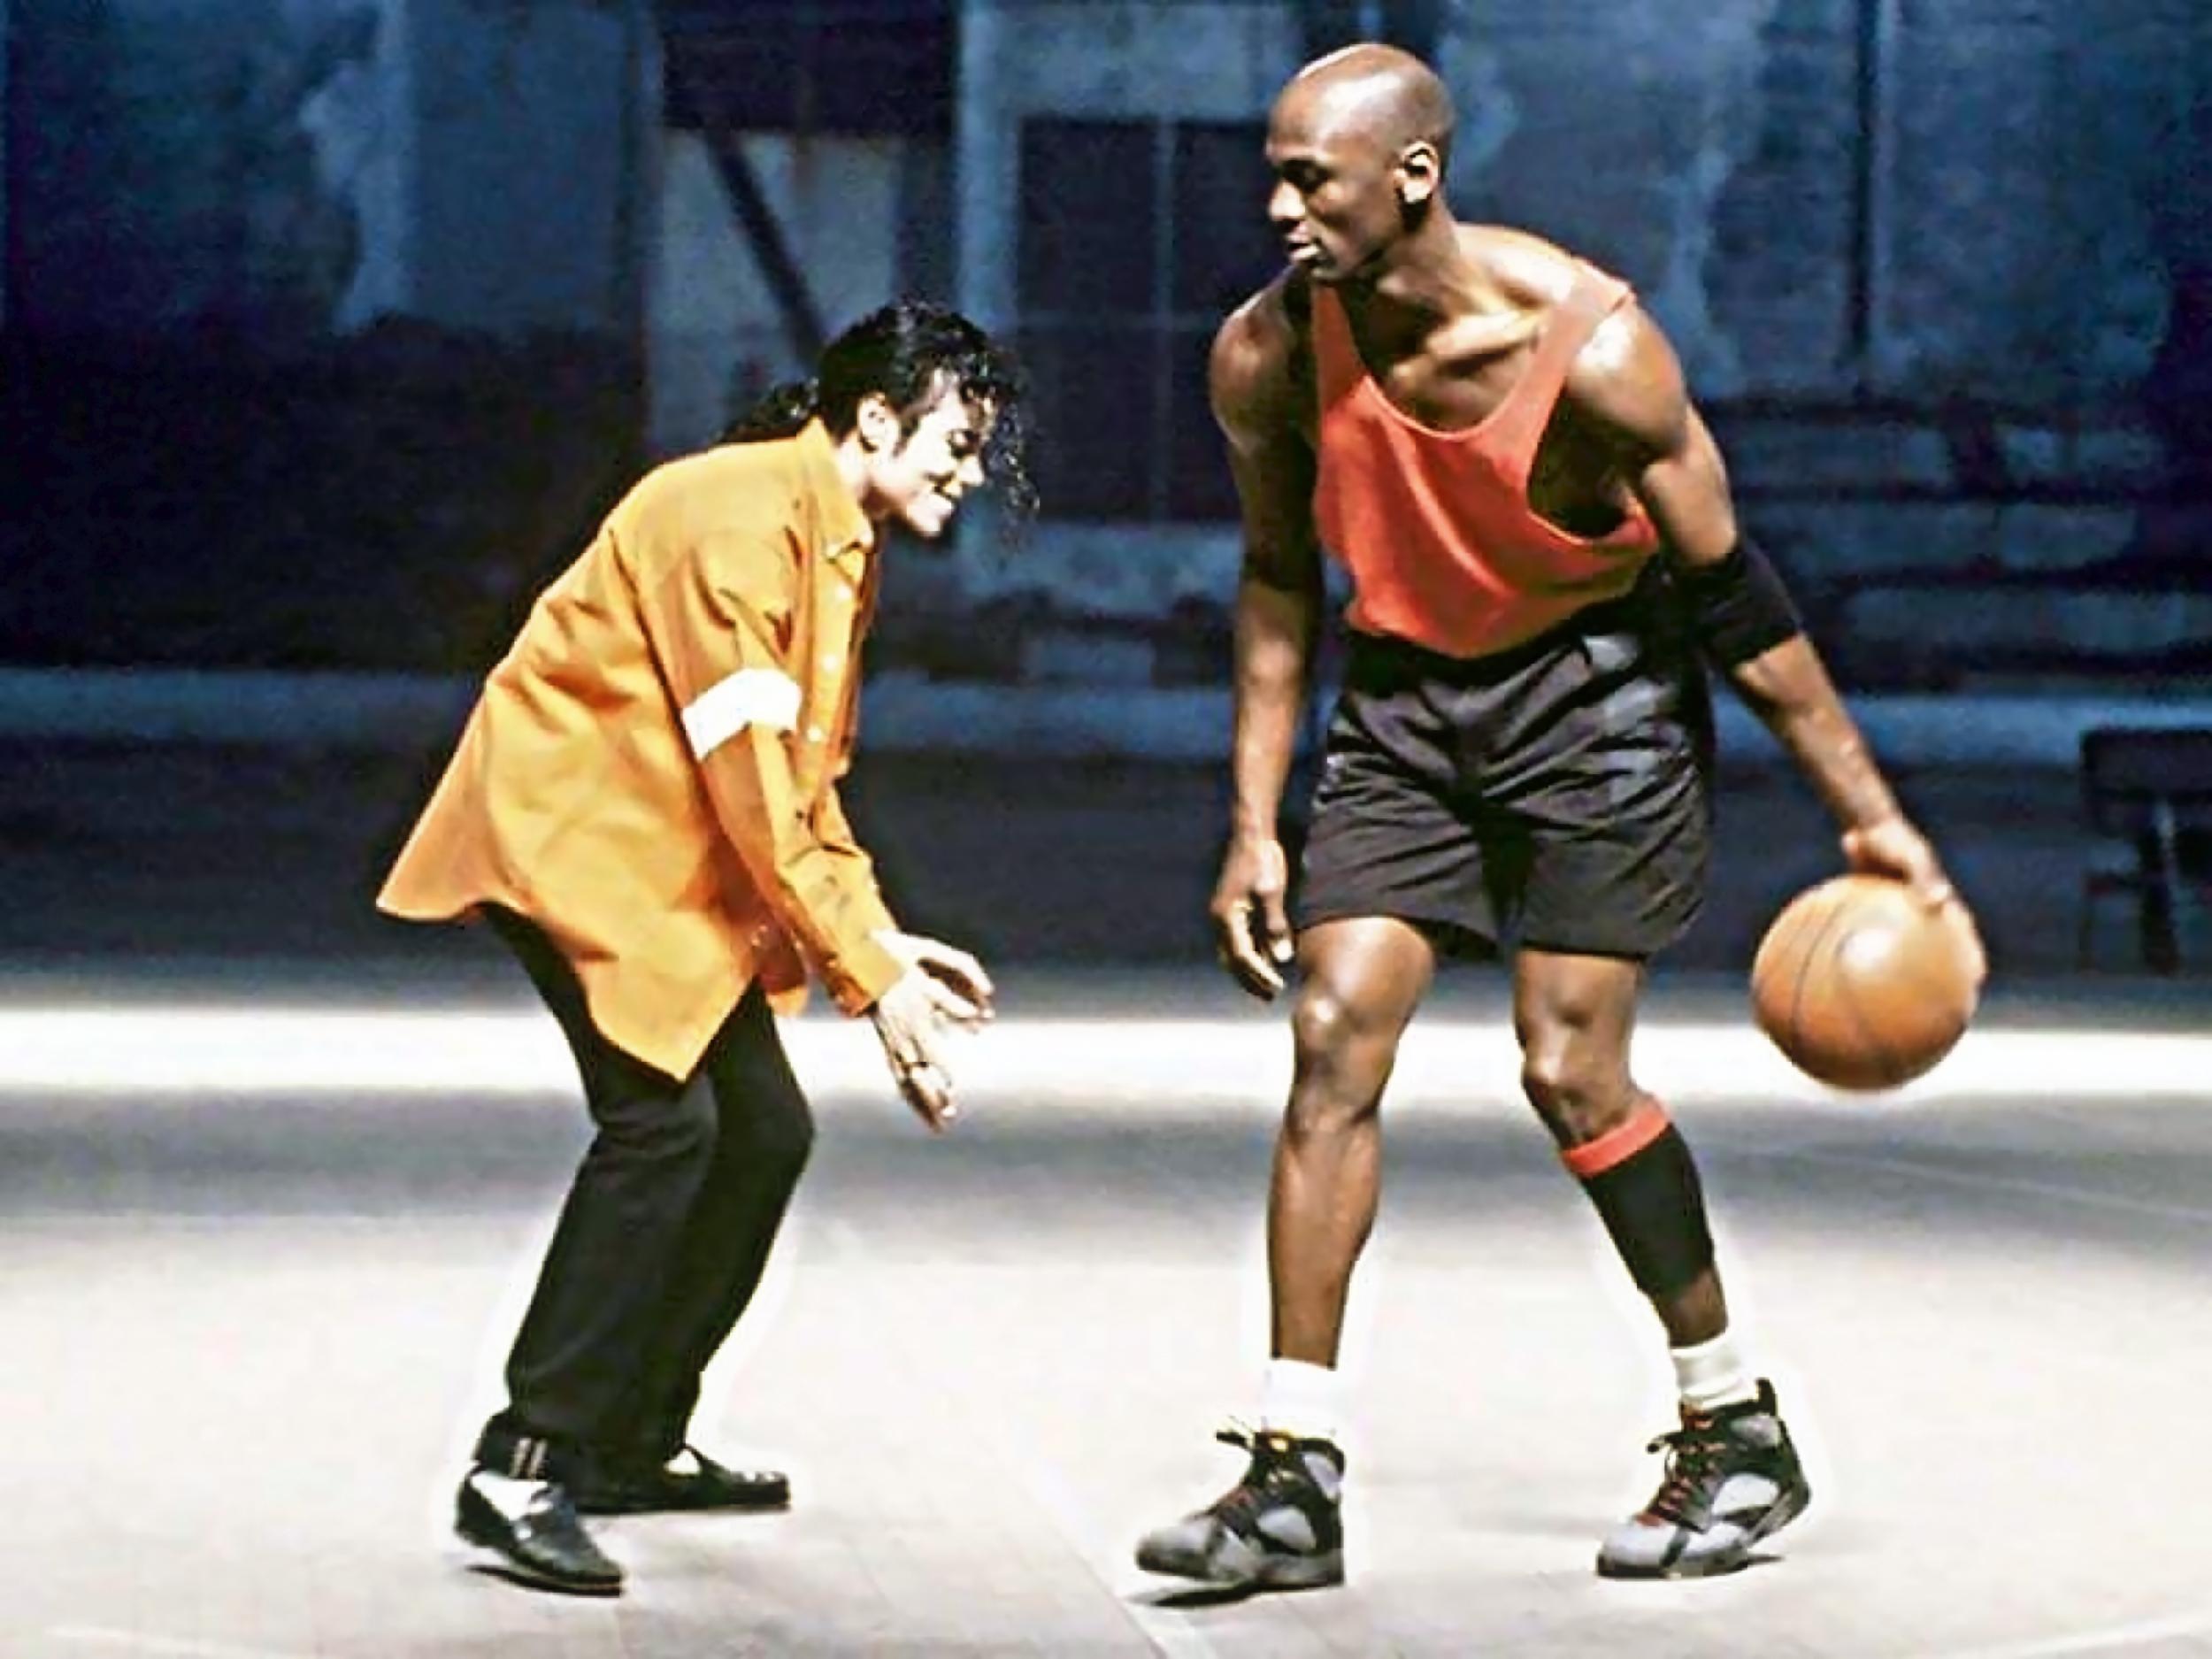 Майкл Джордан на съемках клипа с Майклом Джексоном